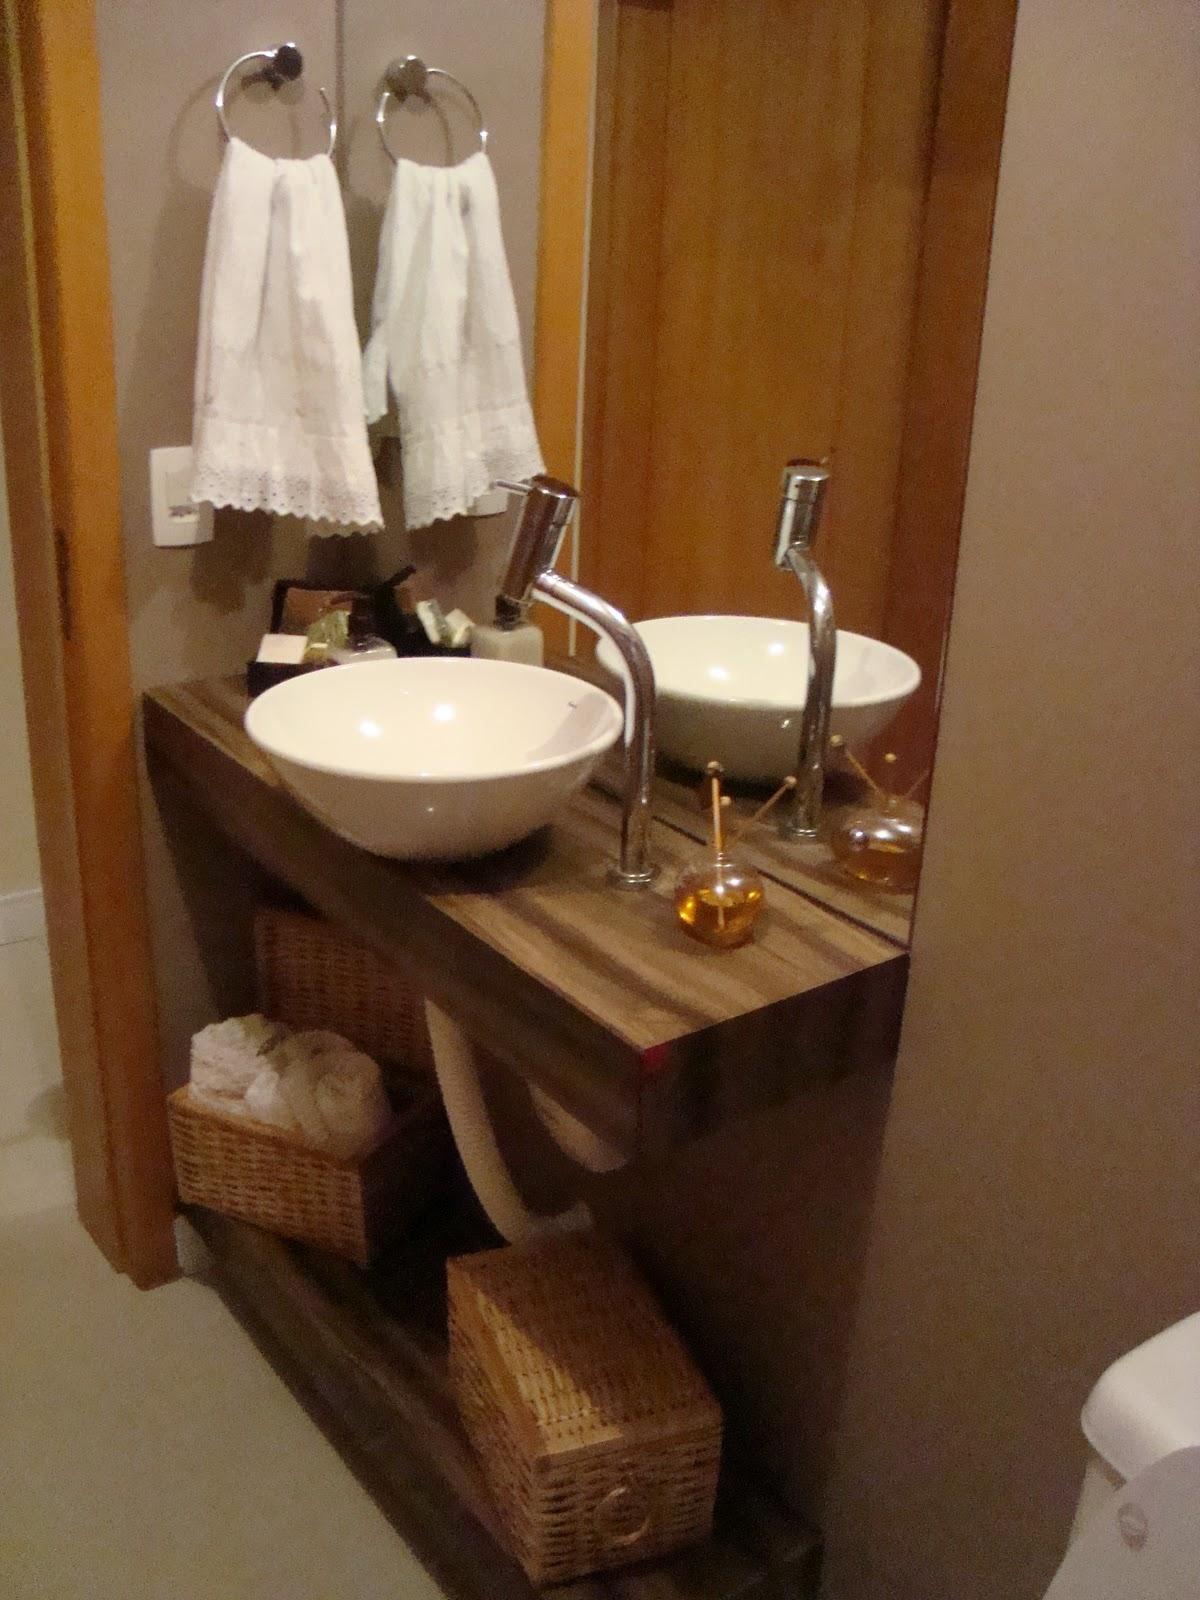 Cá e a Casa: E os banheiros também querem ficar nos trinques pro  #C59B06 1200 1600